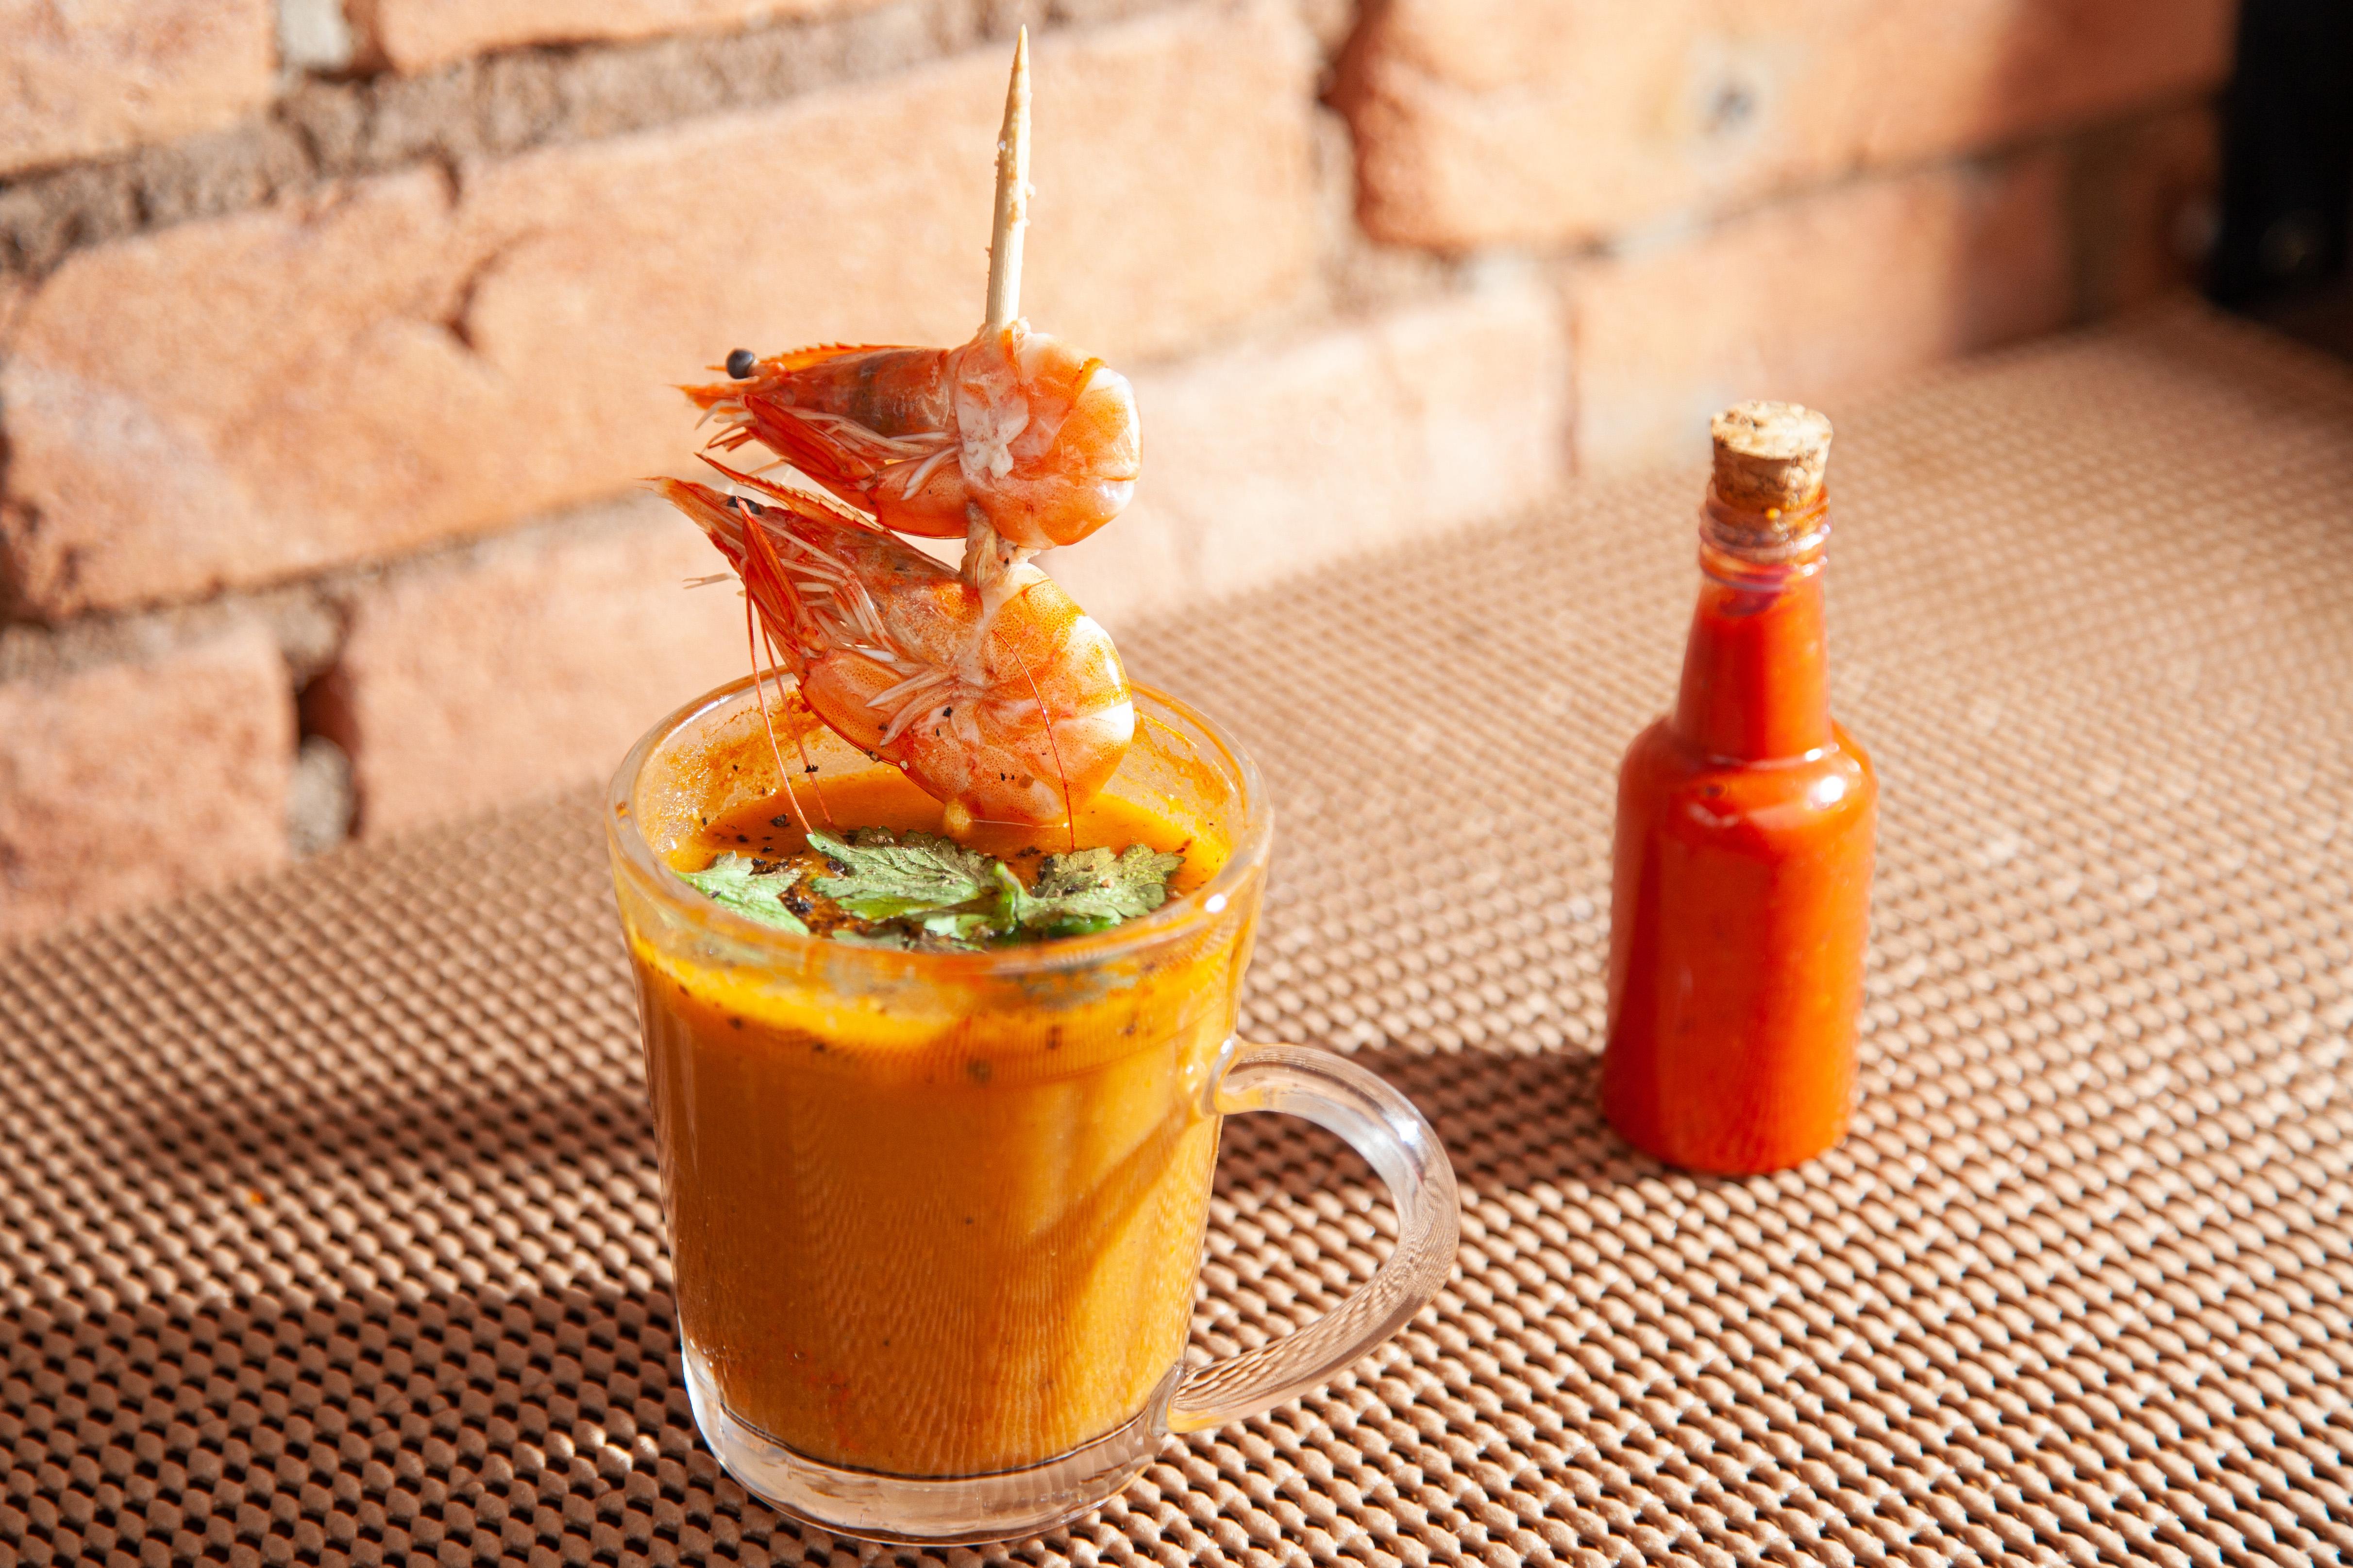 Caldo de camarão servido em pequena xícara de vidro transparente com espeto de camarões por cima ao lado de vidrinho de pimenta.